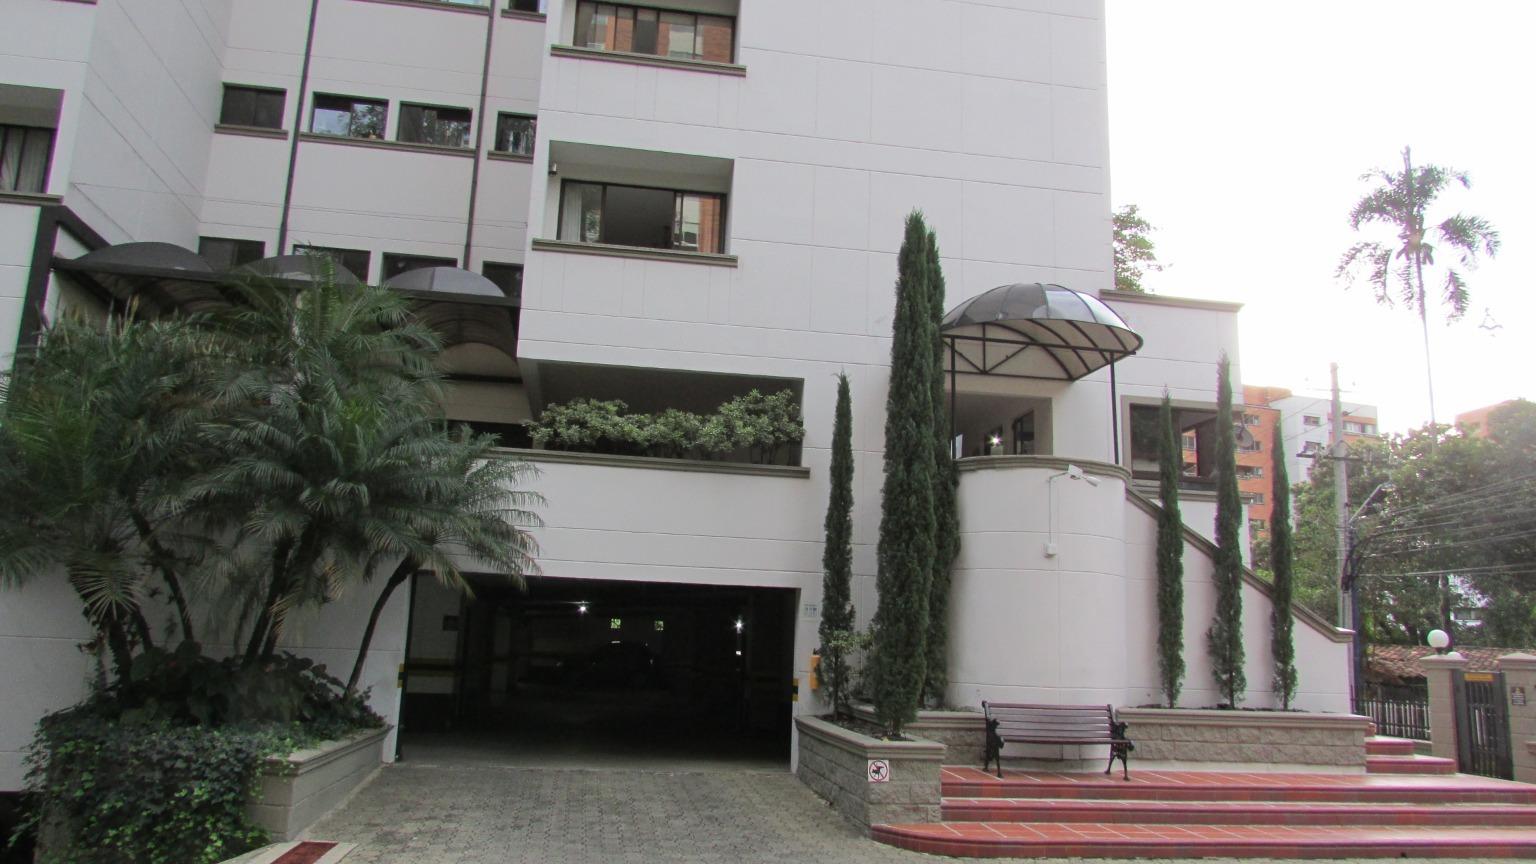 100241 - Arriendo Apartamento Castropol Poblado Medellin Colombia